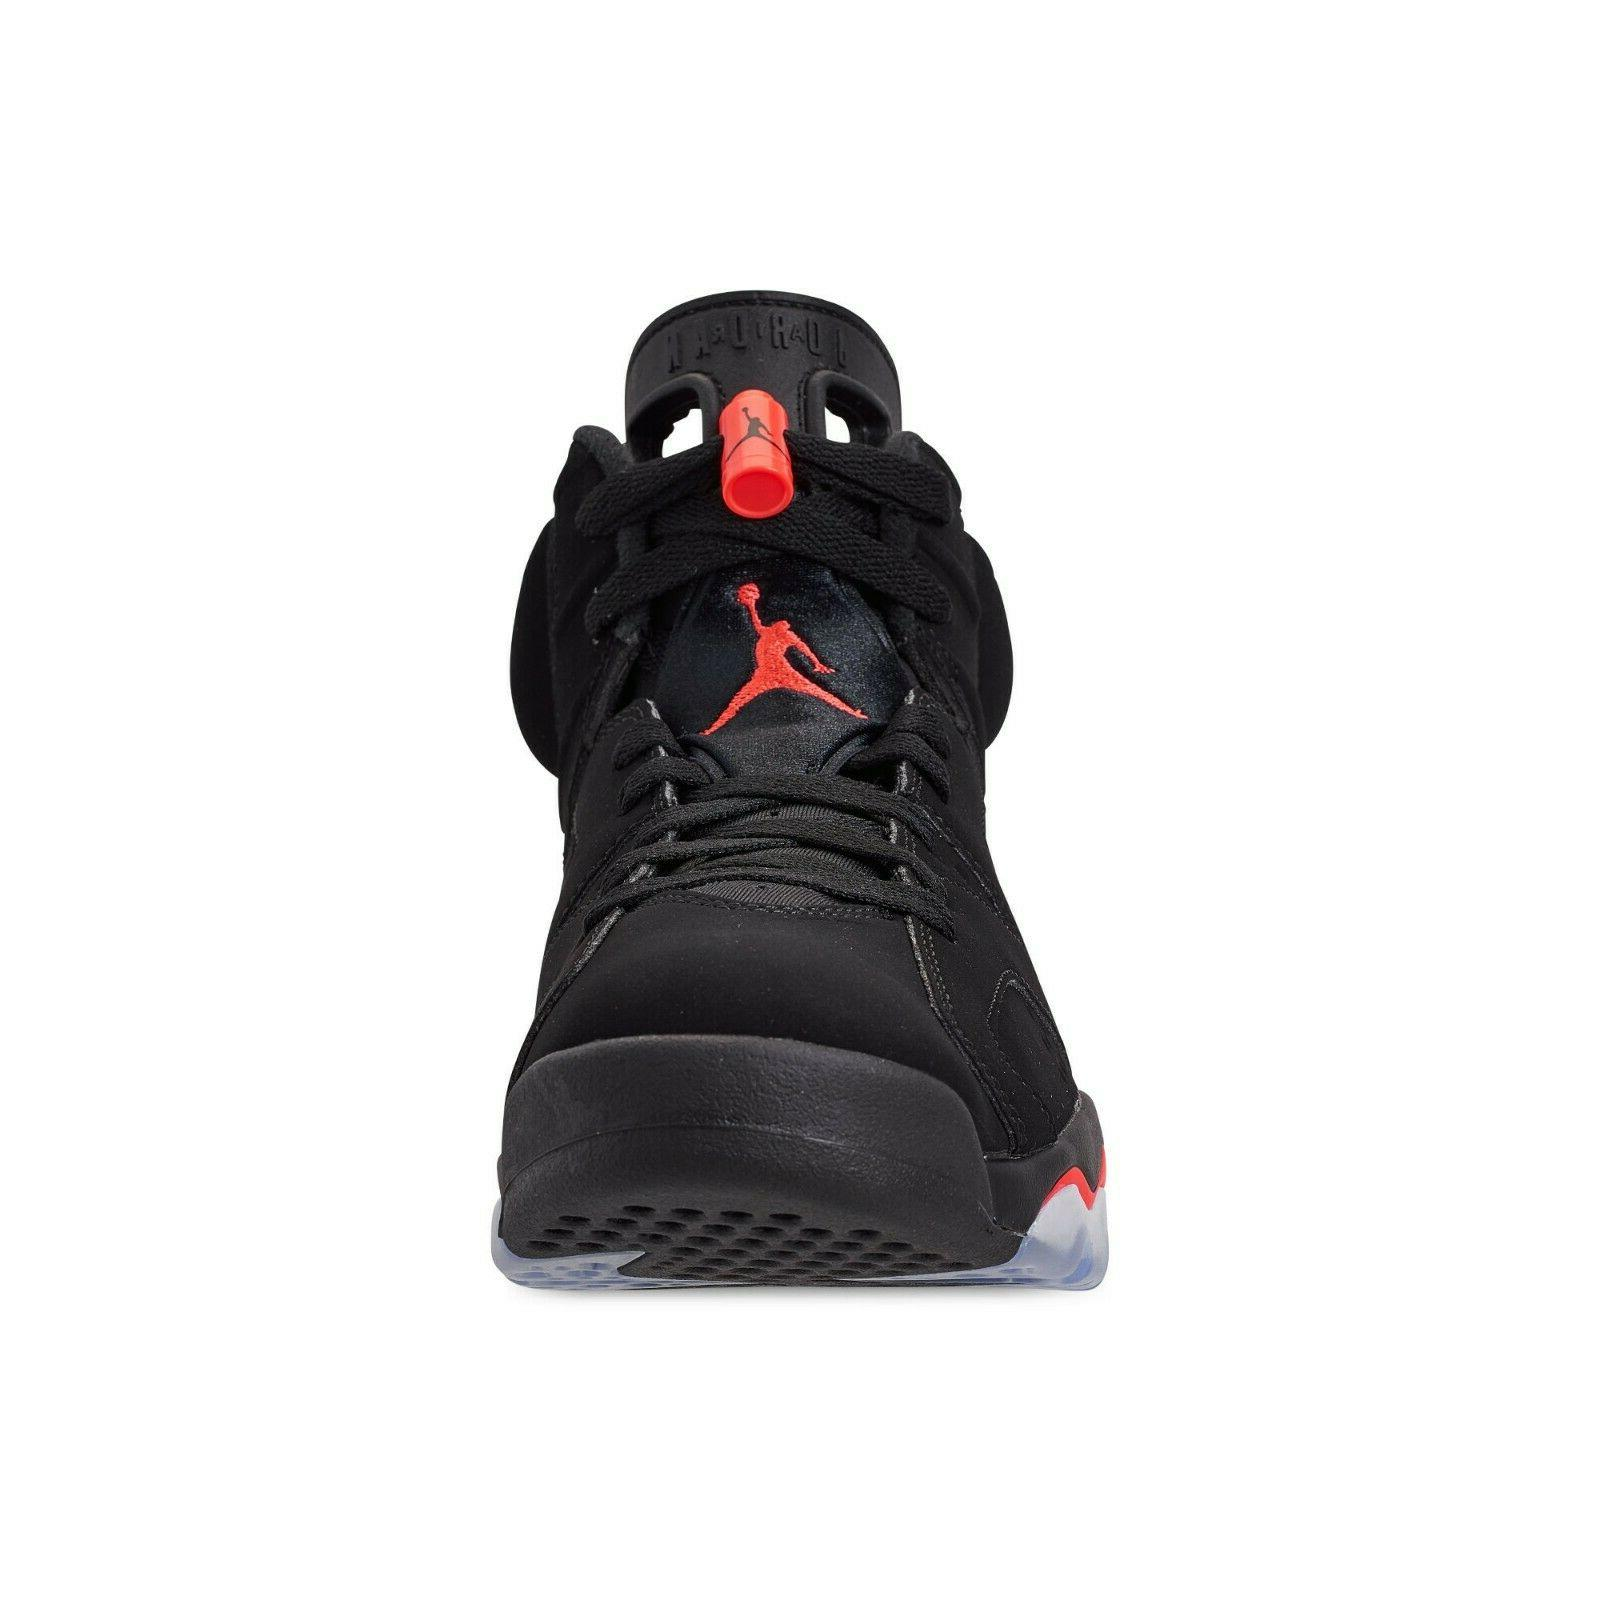 Air Jordan Infrared Retro 384664 060